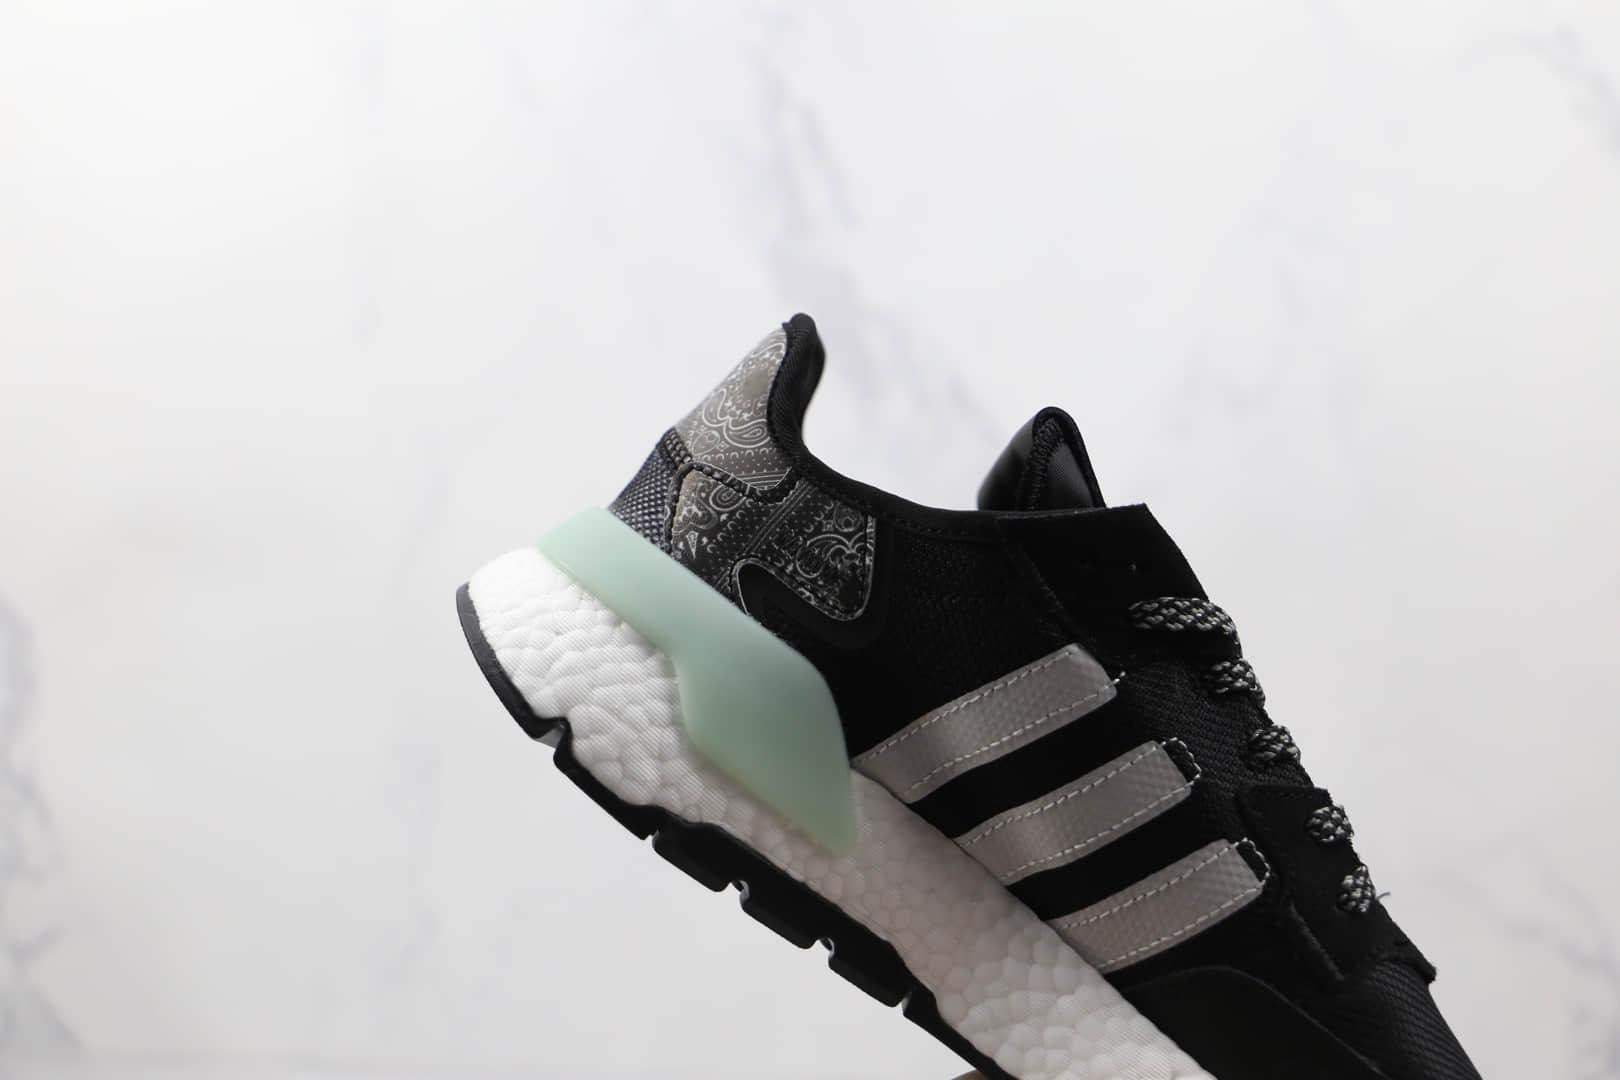 阿迪达斯Adidas Nite Jogger 2021 Boost纯原版本三叶草夜行者一代黑白色爆米花跑鞋原盒原标 货号:FW6687